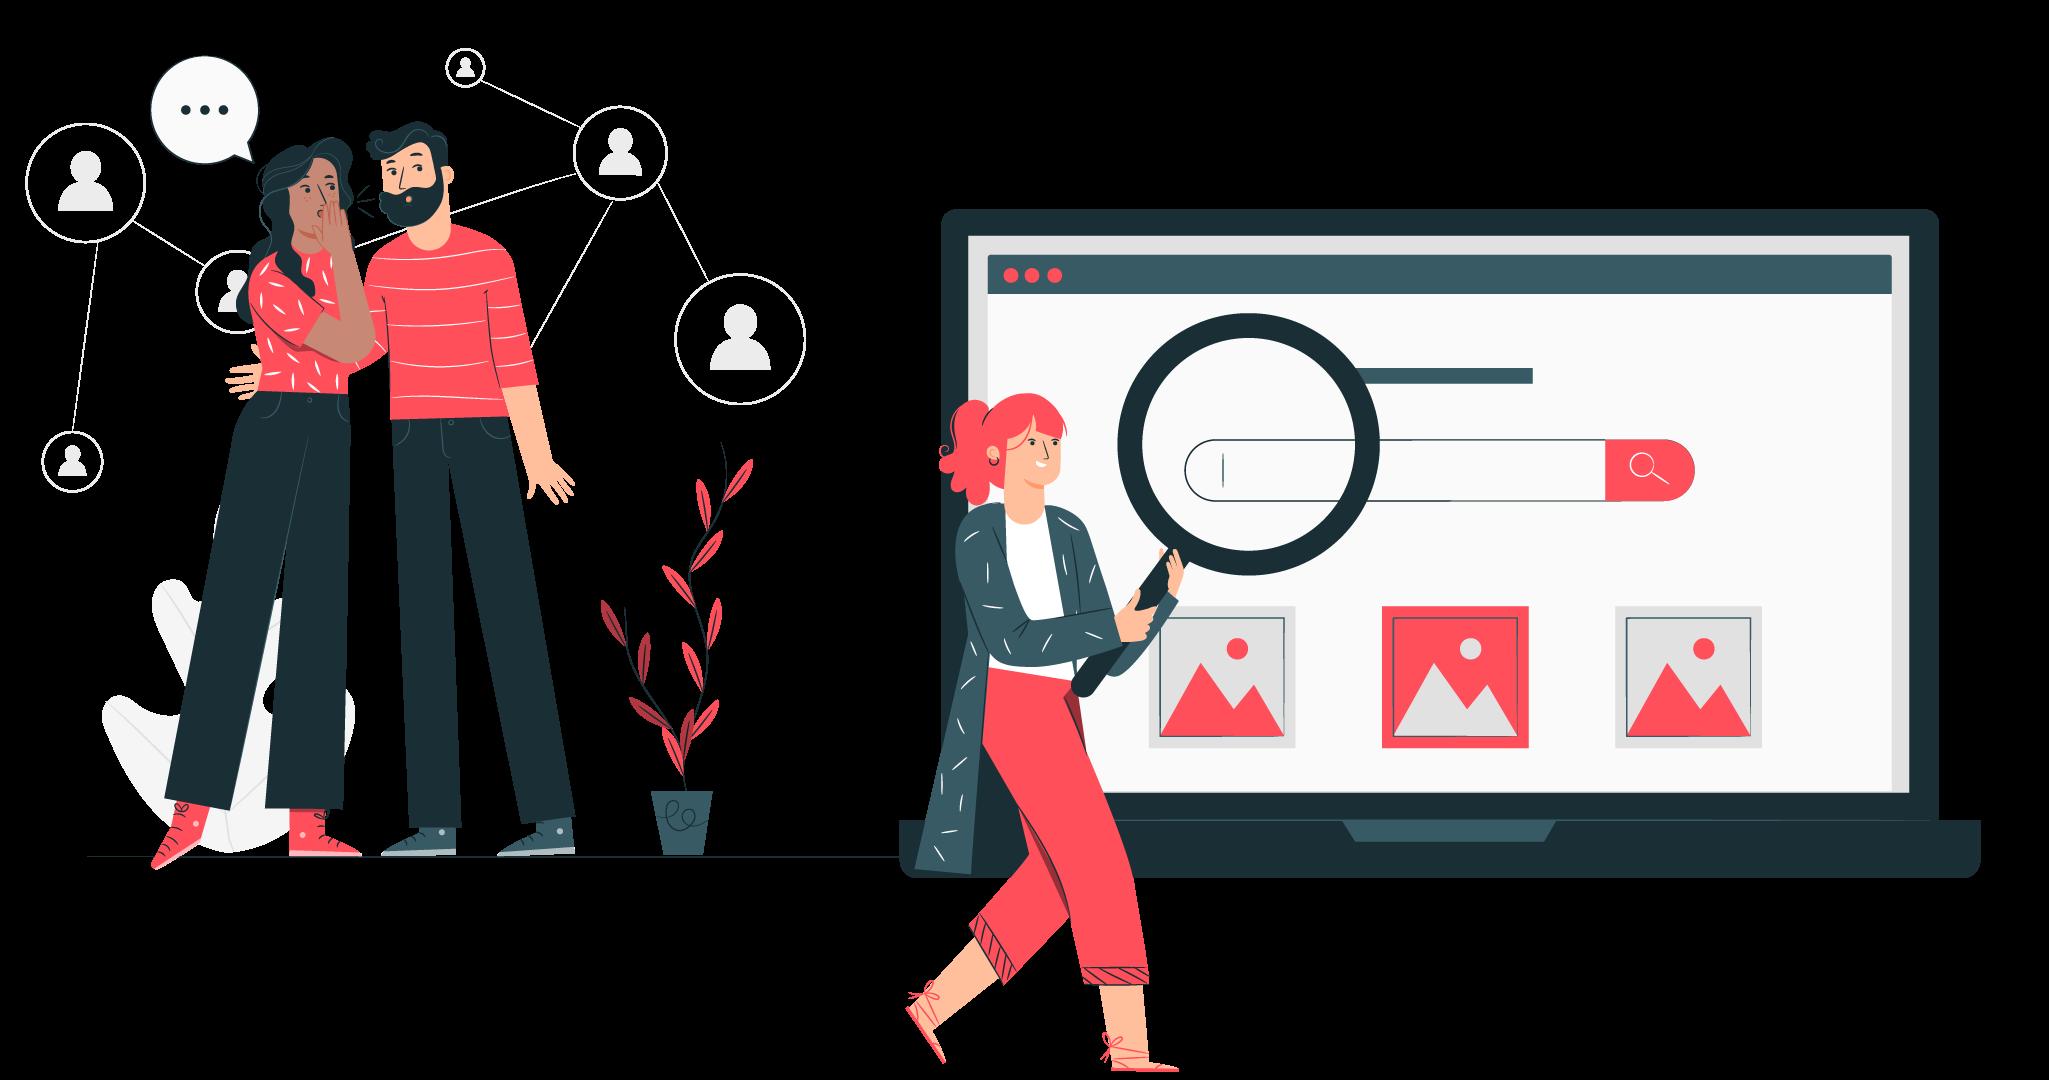 Branded Domain atau Descriptive Domain? Mana yang lebih baik untuk Identitas Bisnis ?